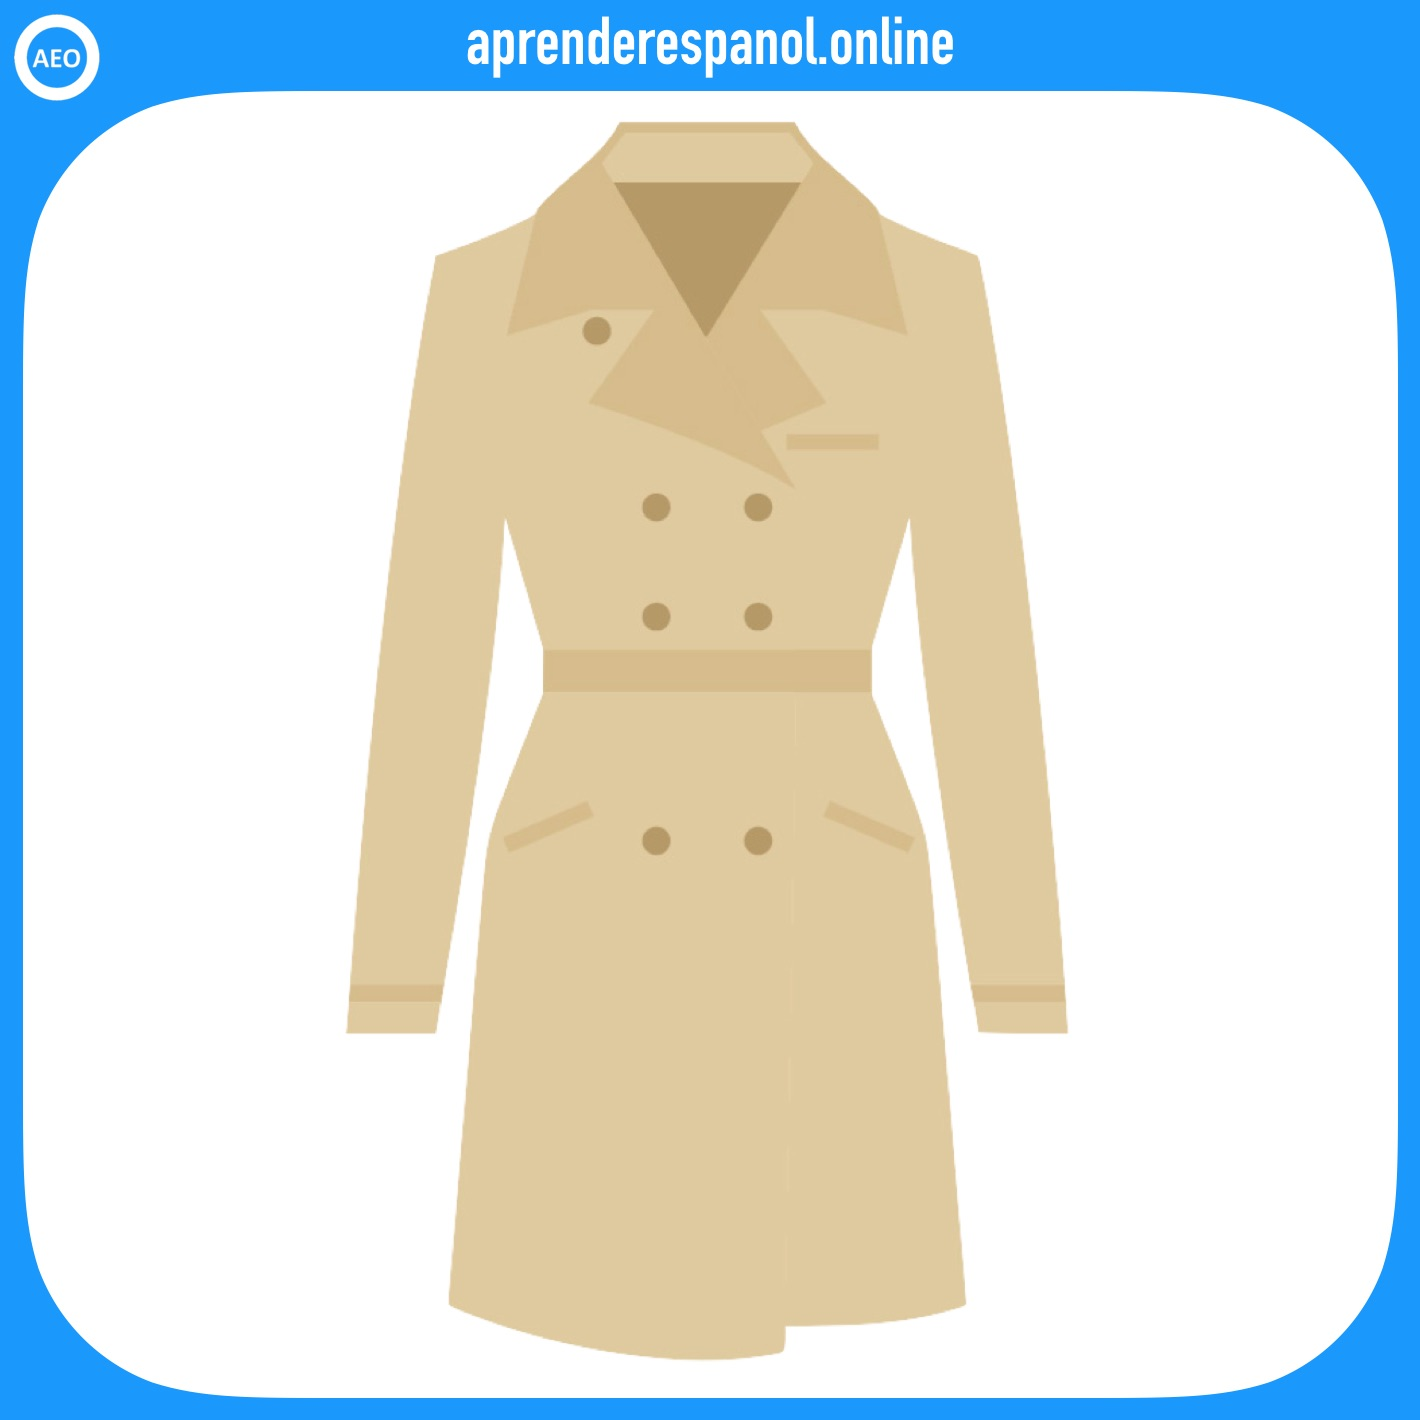 gabardina | ropa en español | vocabulario de la ropa en español